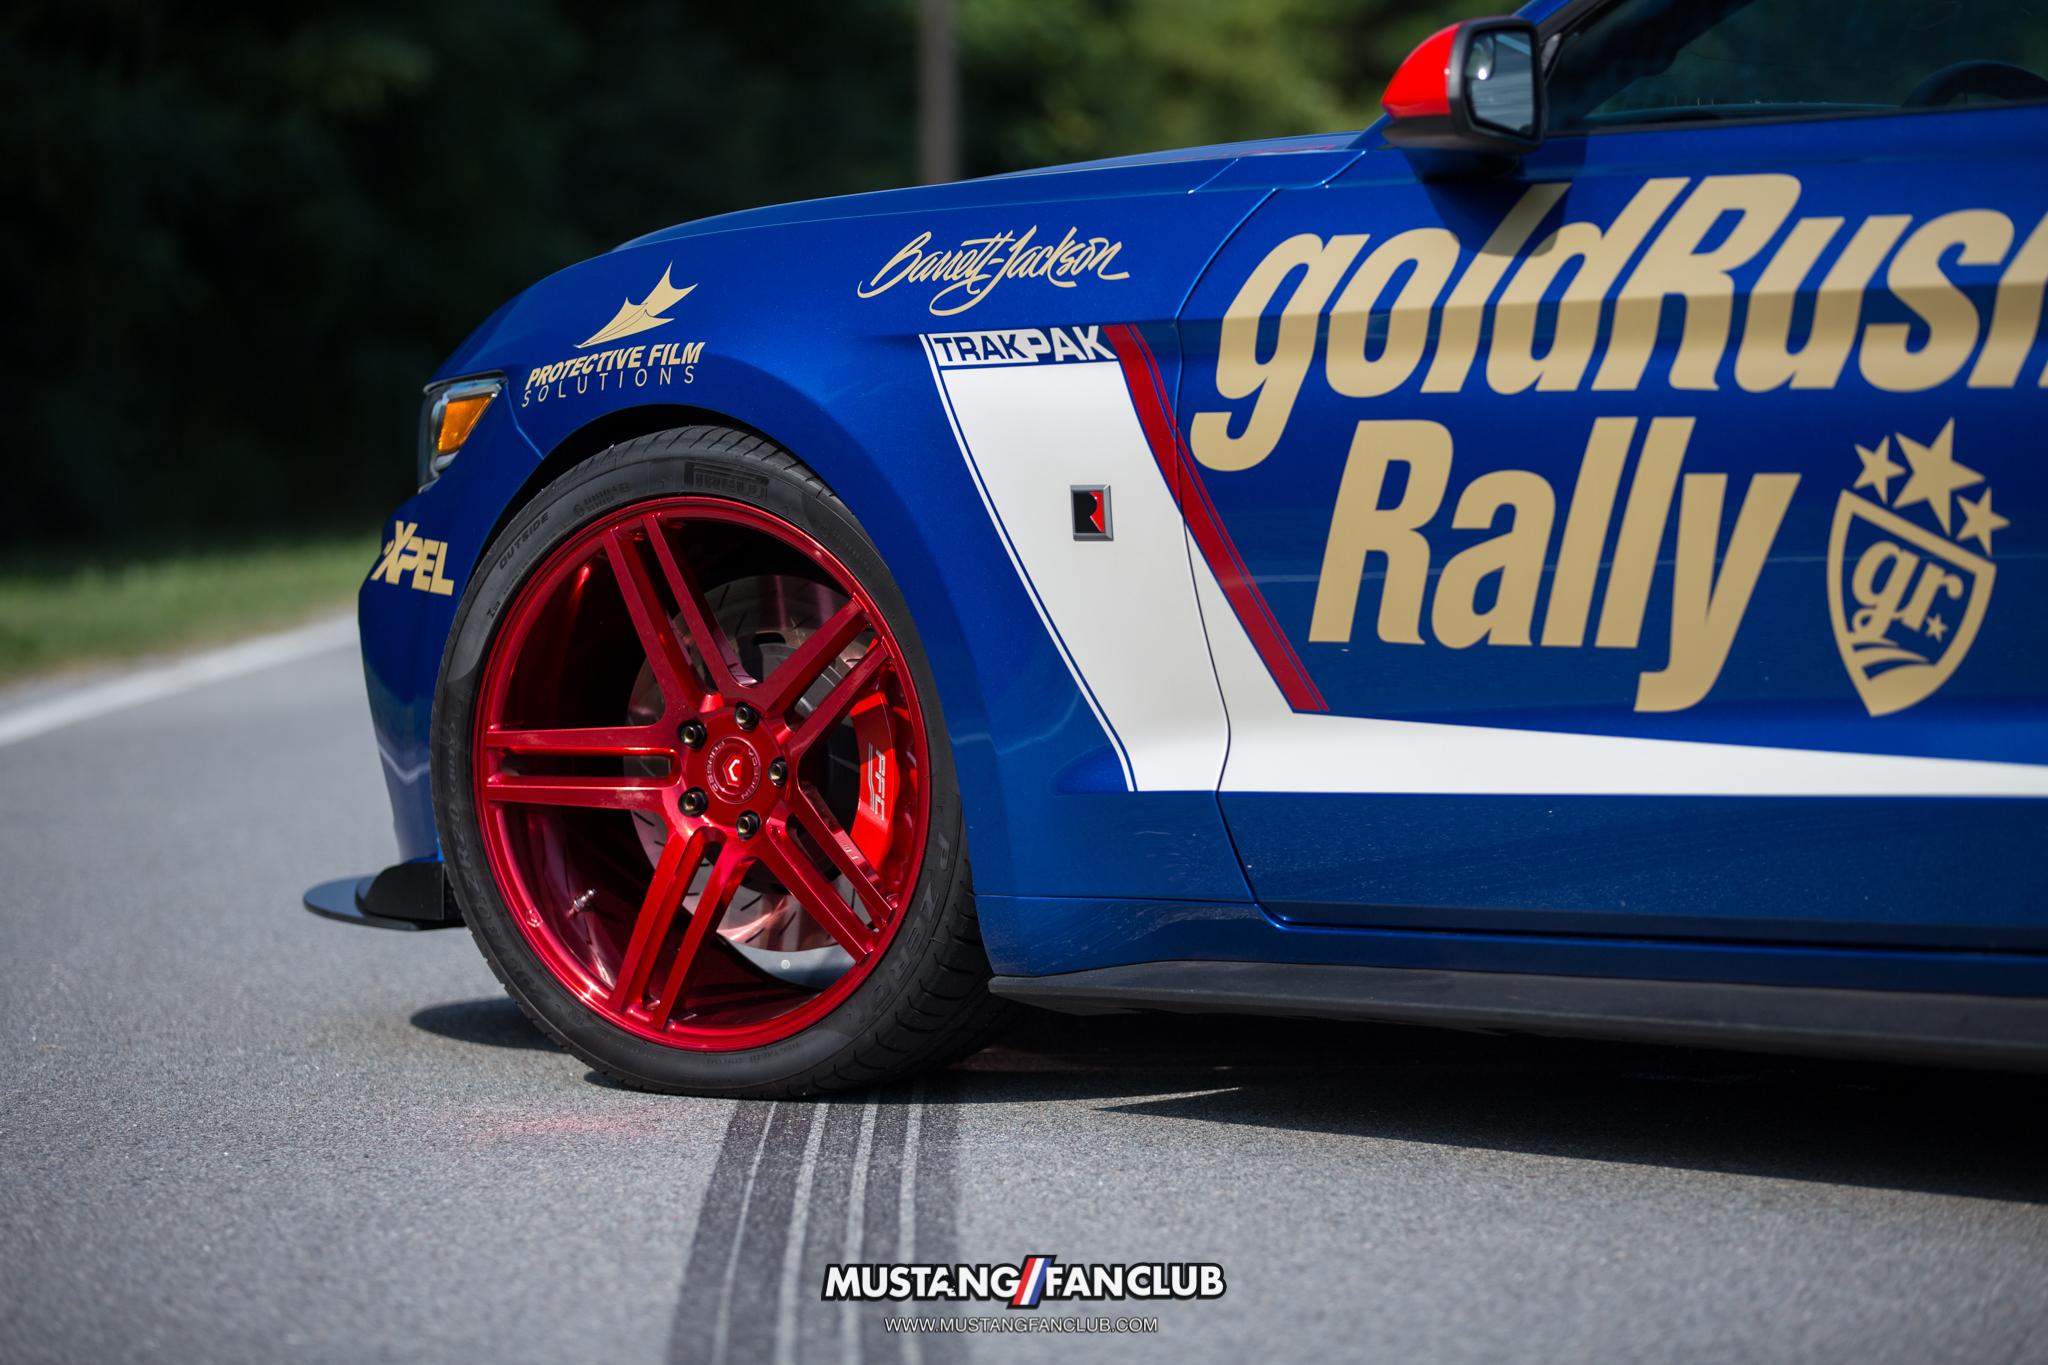 ROUSH performance trakpak vossen wheels #teamvossen mustang fan club mustangfanclub